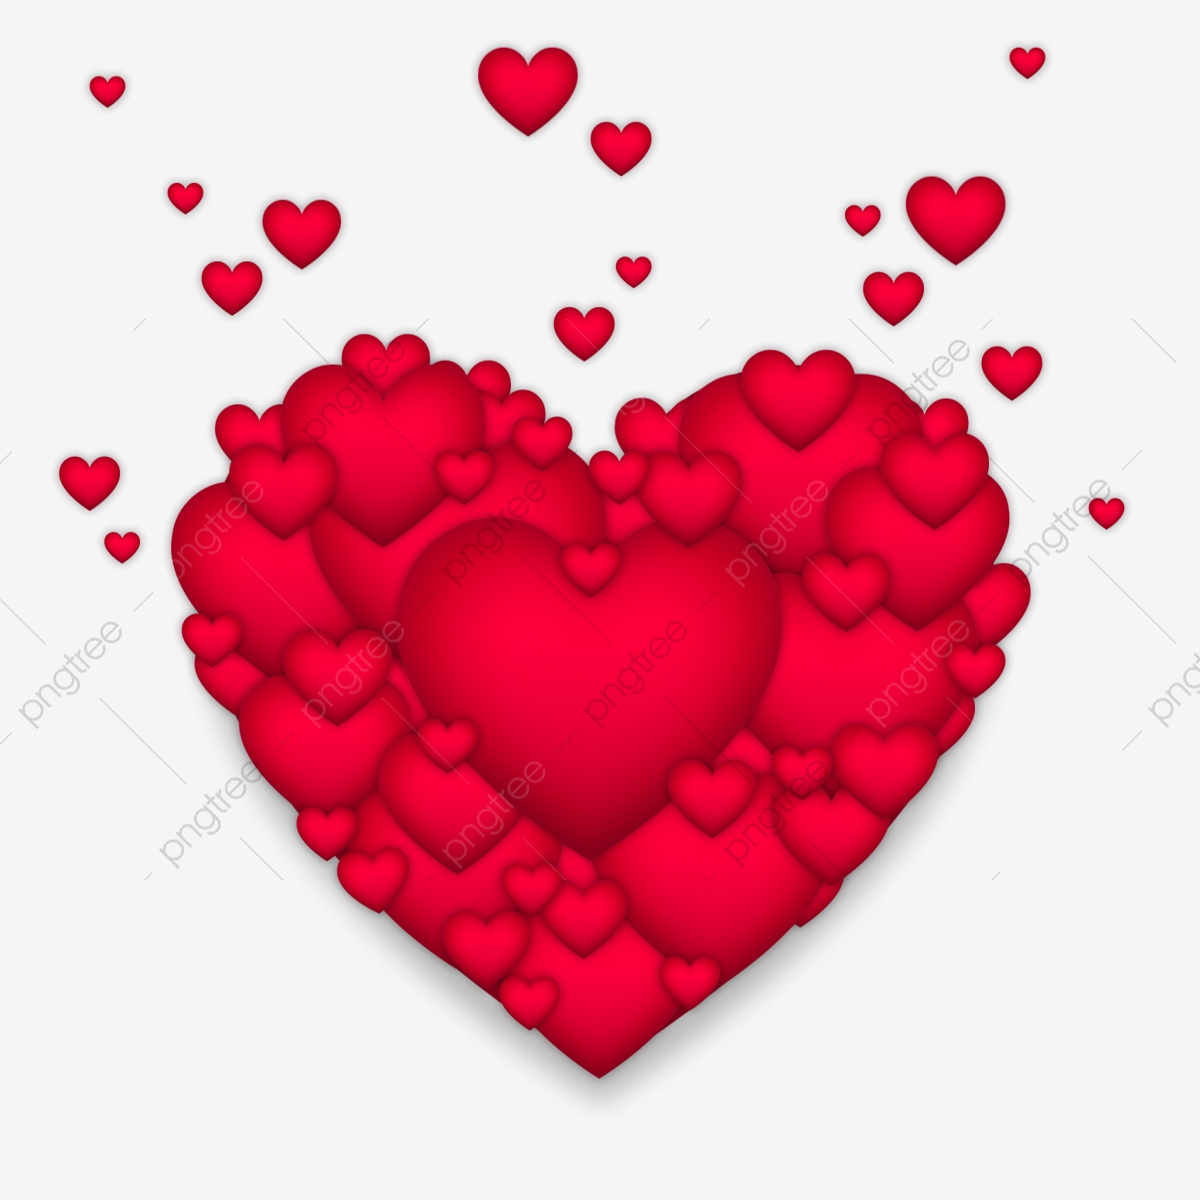 القلب الكبير أيقونات القلب عيد الحب قلب Png وملف Psd للتحميل مجانا